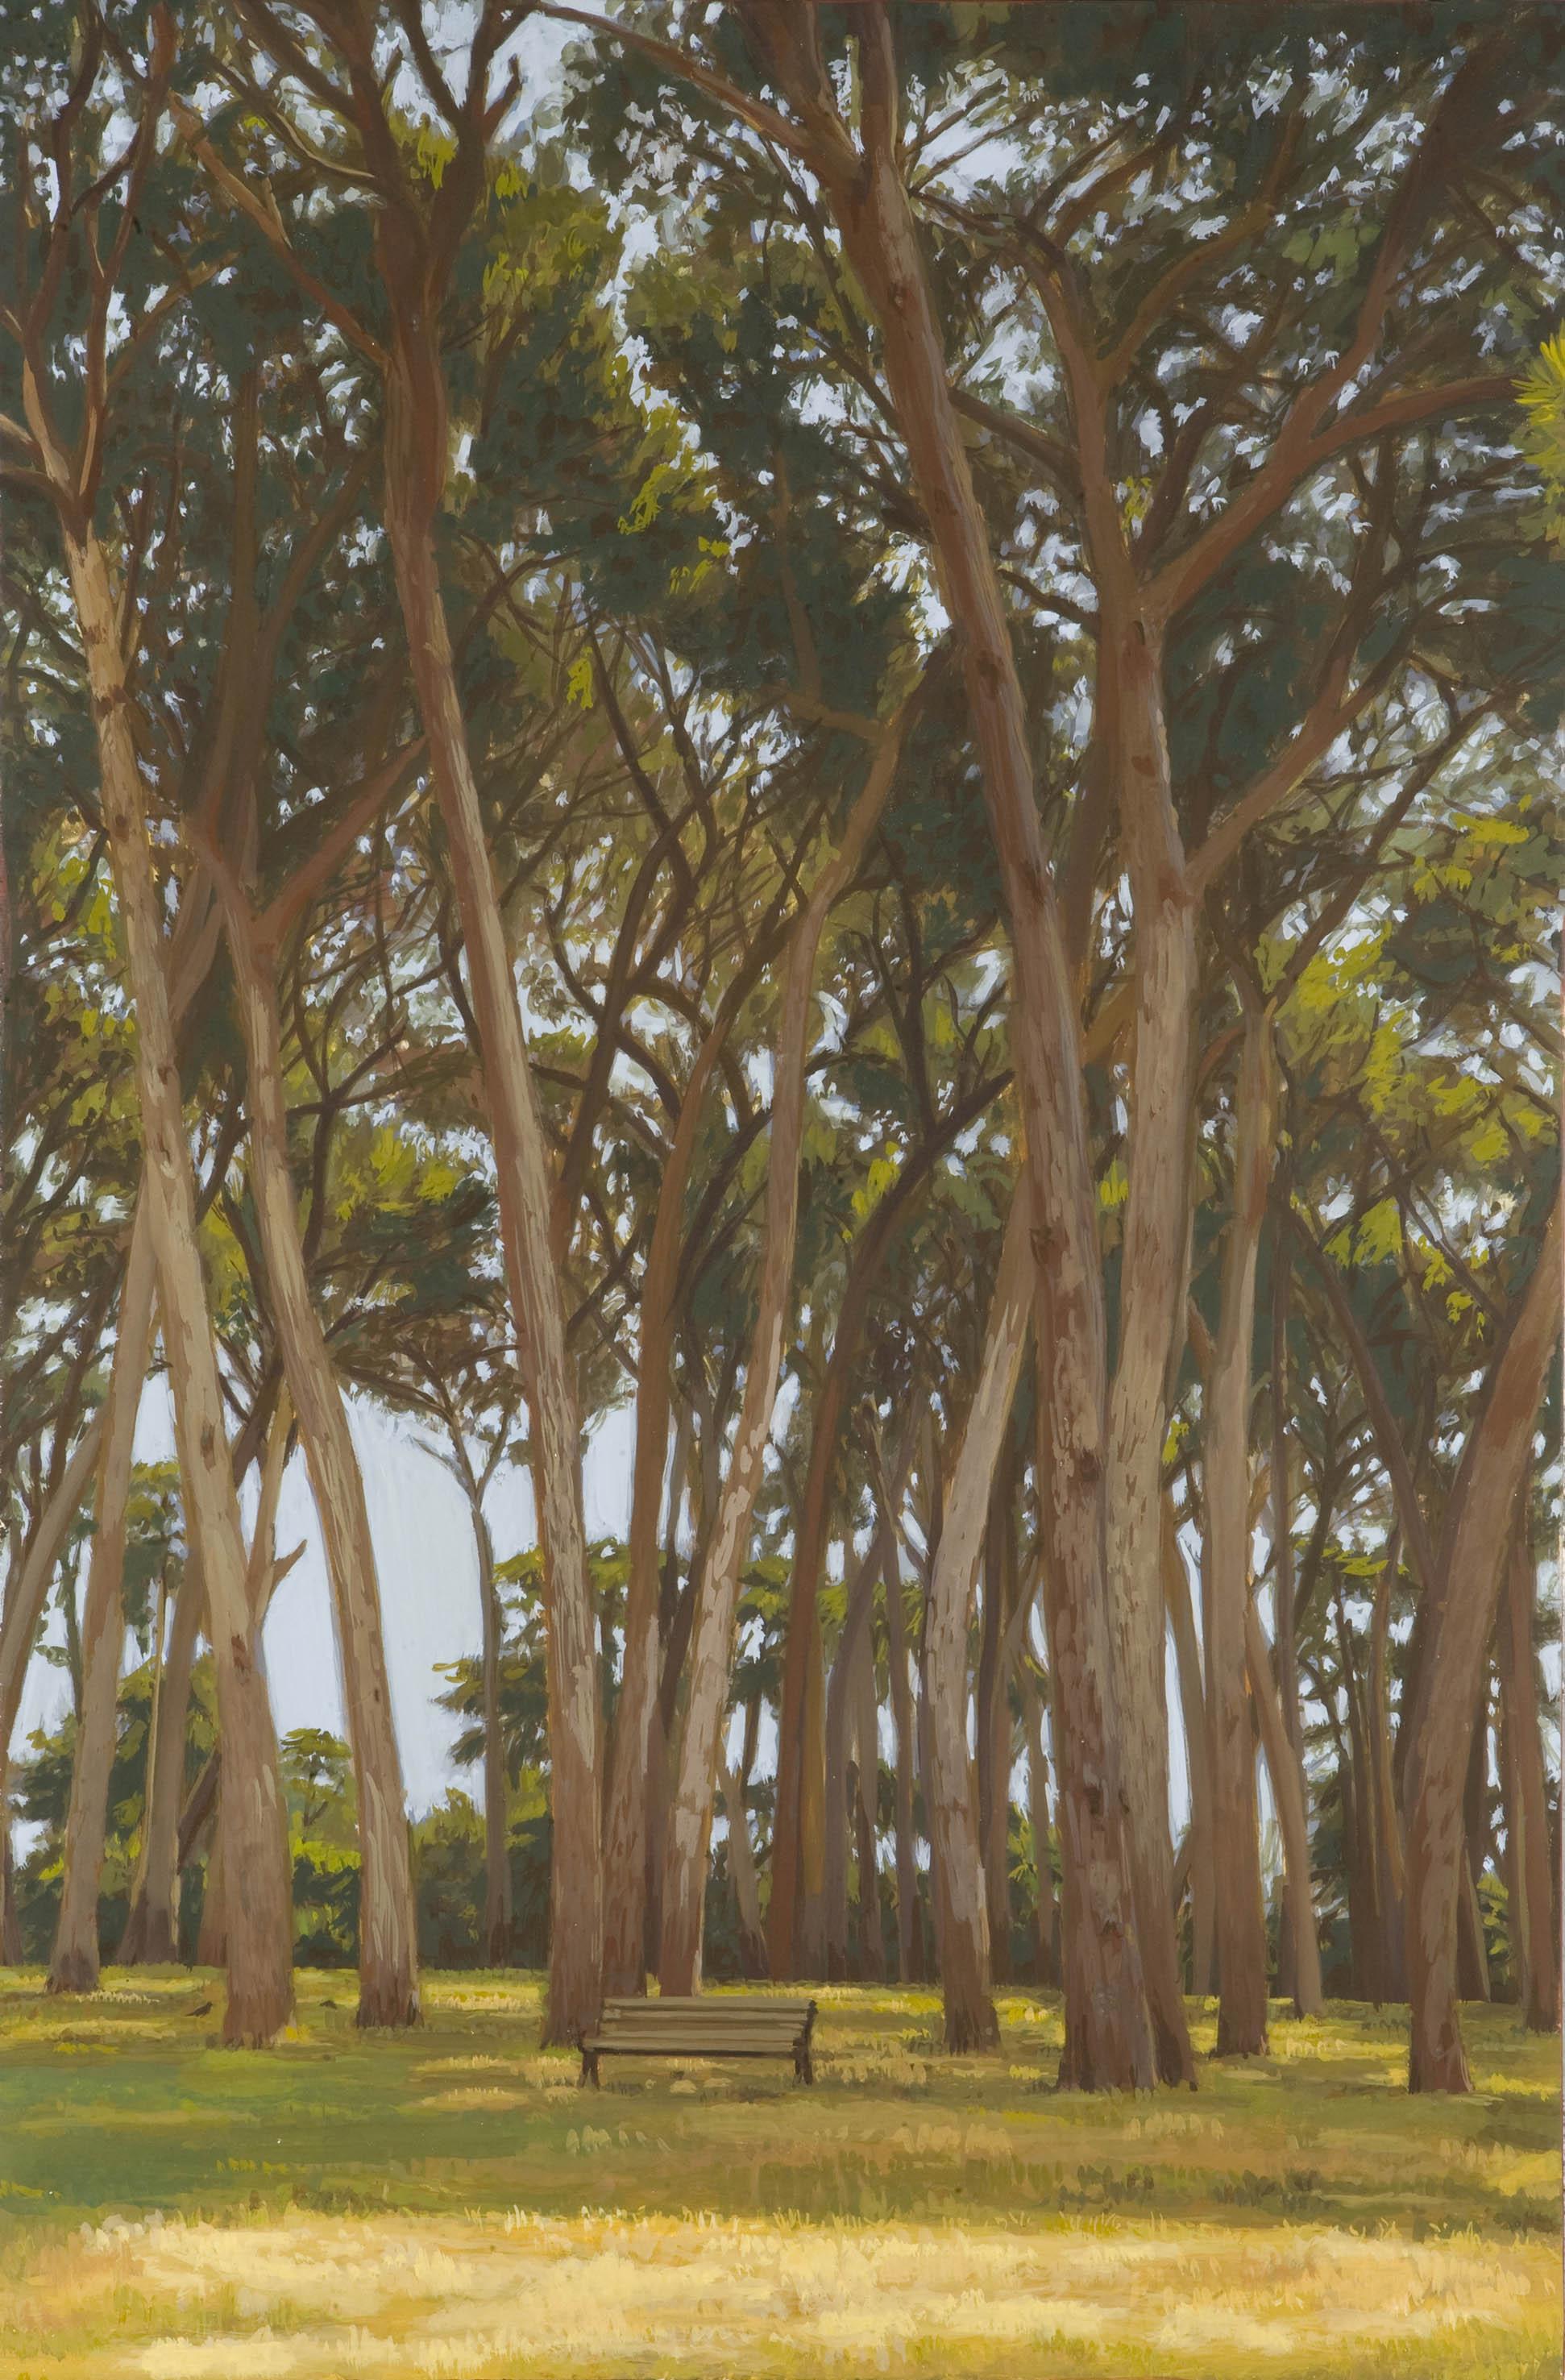 Αγλαία Περράκη, Κήπος δίχως όρια 1, αυγοτέμπερα πάνω σε ξύλο που είναι προετοιμασμένο με ύφασμα, 80 x 53 εκ.